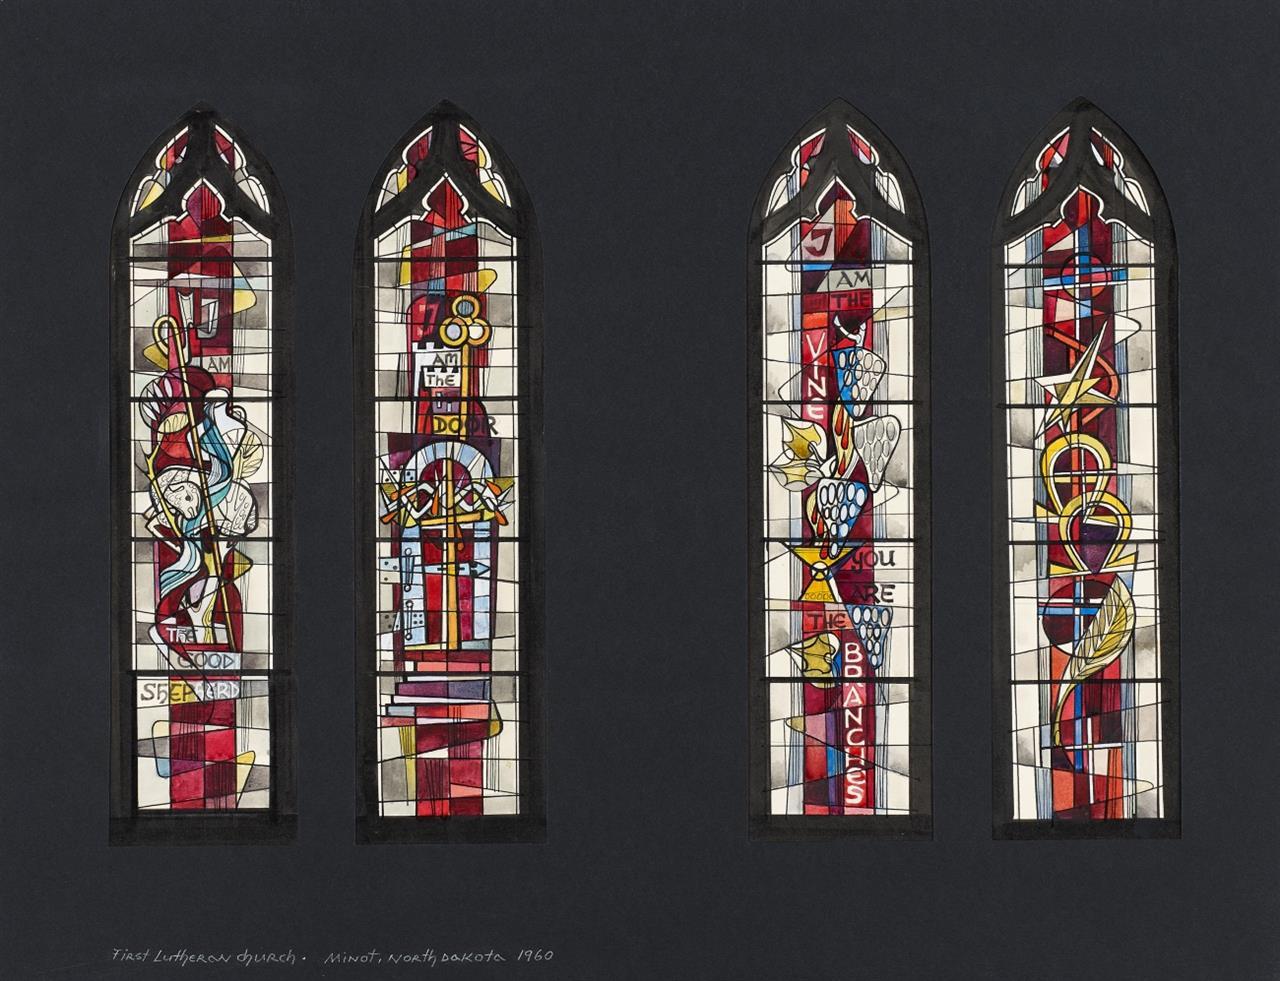 Victor Bonato. Für Peter Dohmen. First Lutheran Church. Minot North Dakota. 1960. 8 Glasfensterentwürfe. Aquarell und Tusche, in 2 Passepartouts. (DSC 03996 + DSC 03998)